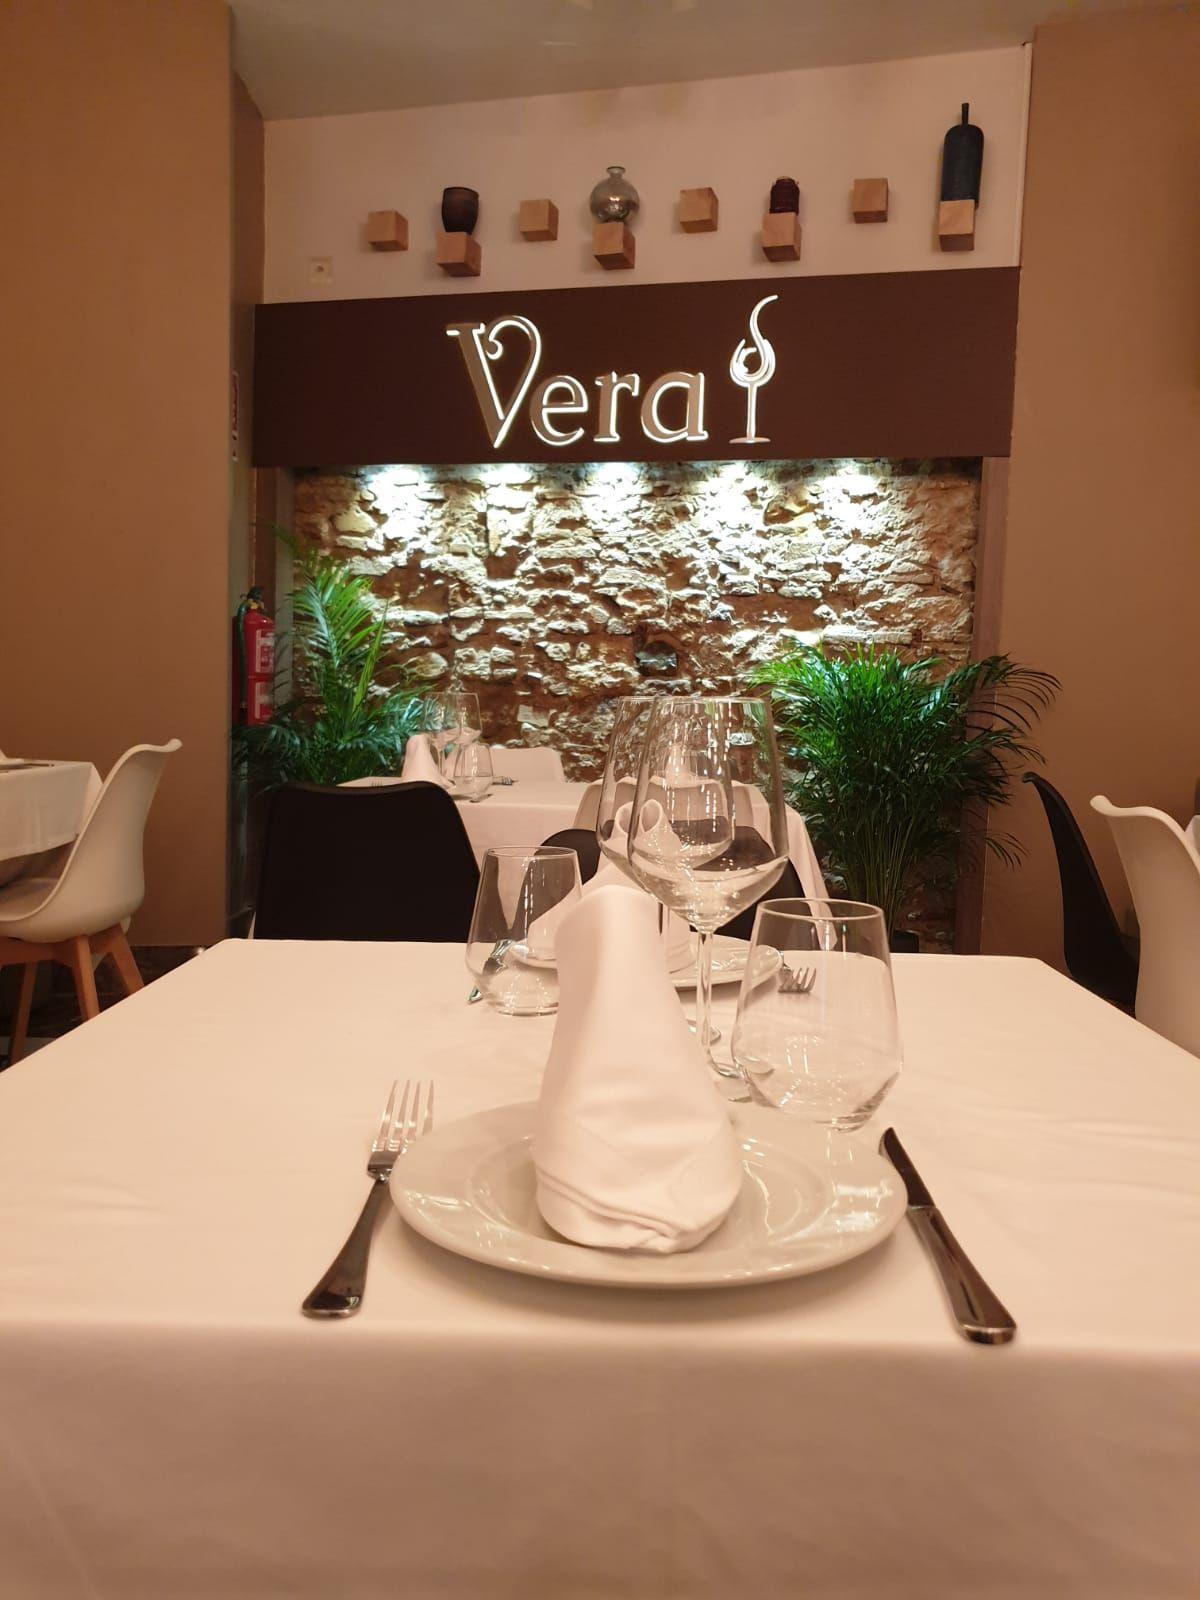 Foto 1 de Restaurante ecuatoriano en Valencia | Vera Restaurante